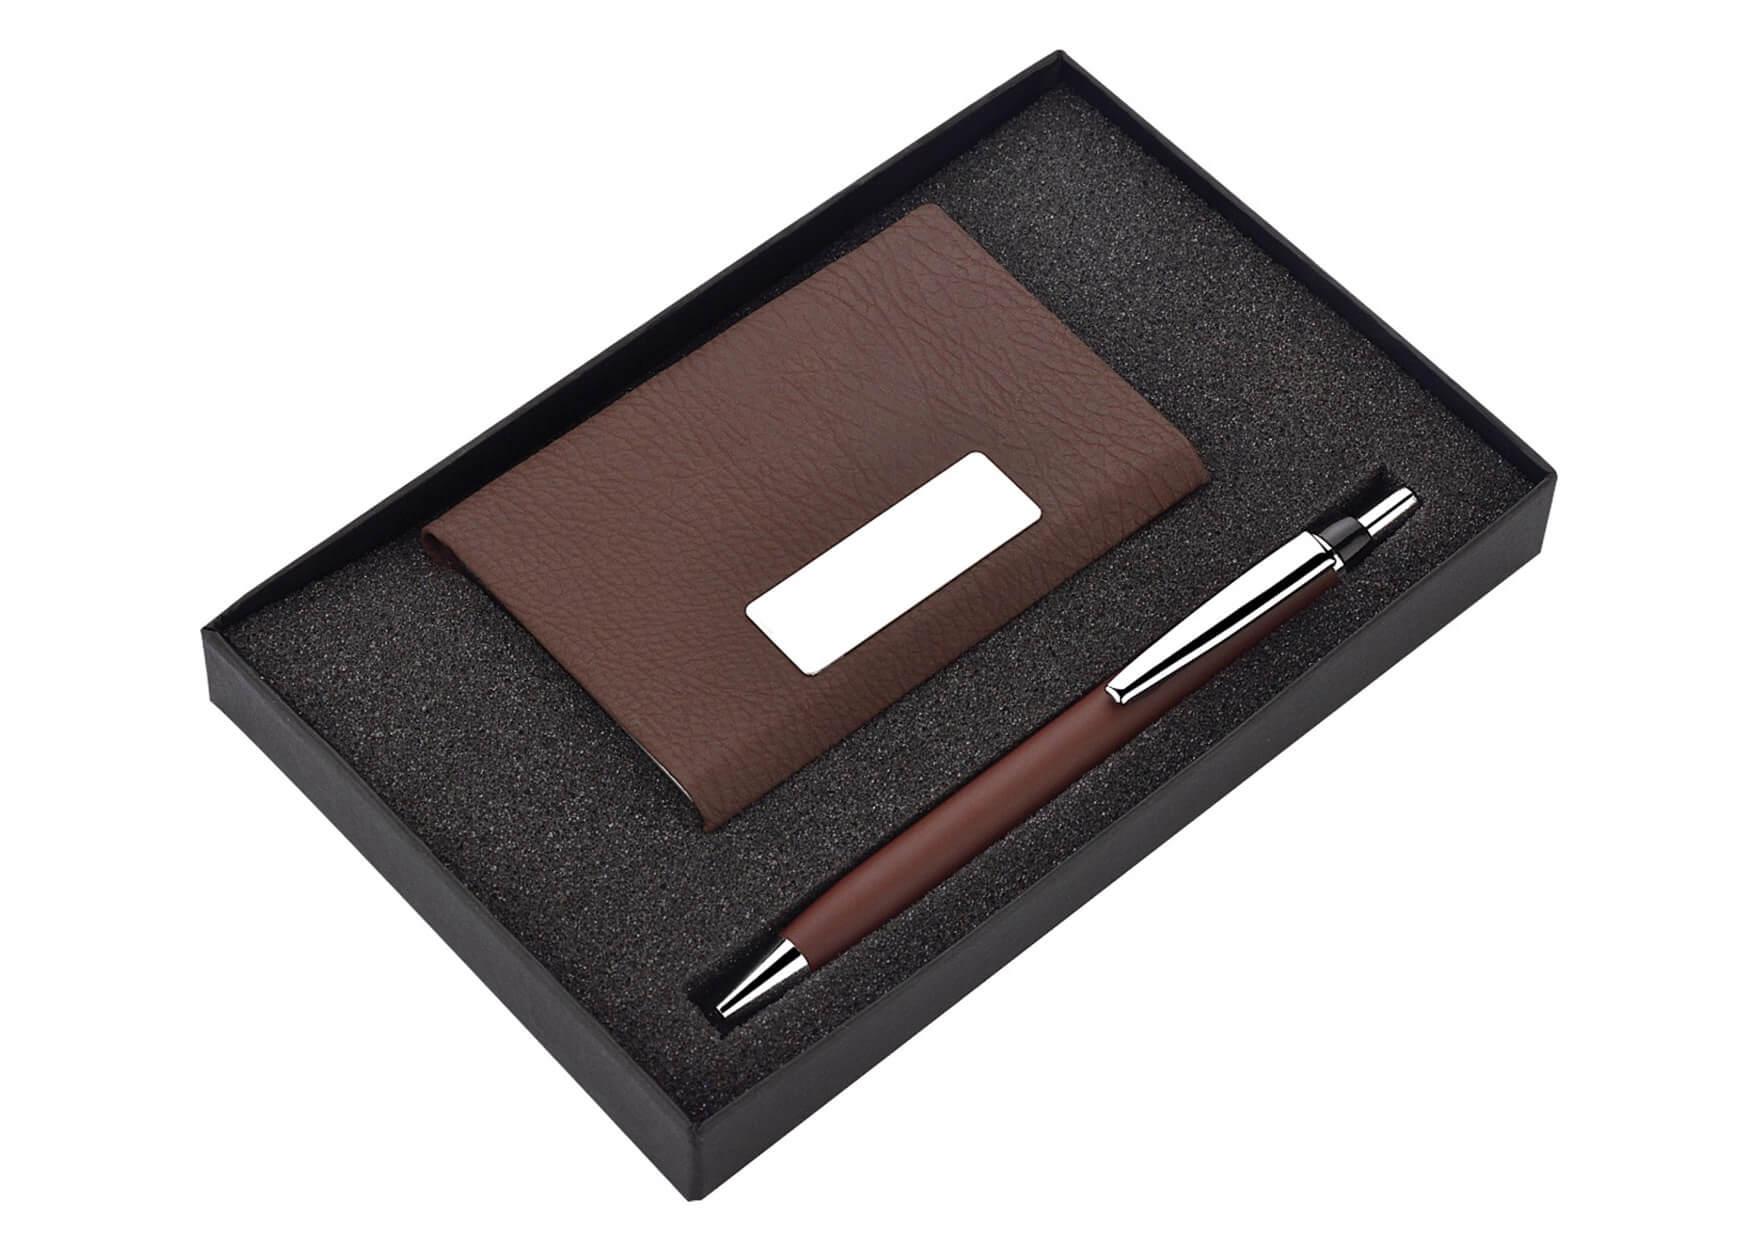 Card Holder and Pen Set Cluster